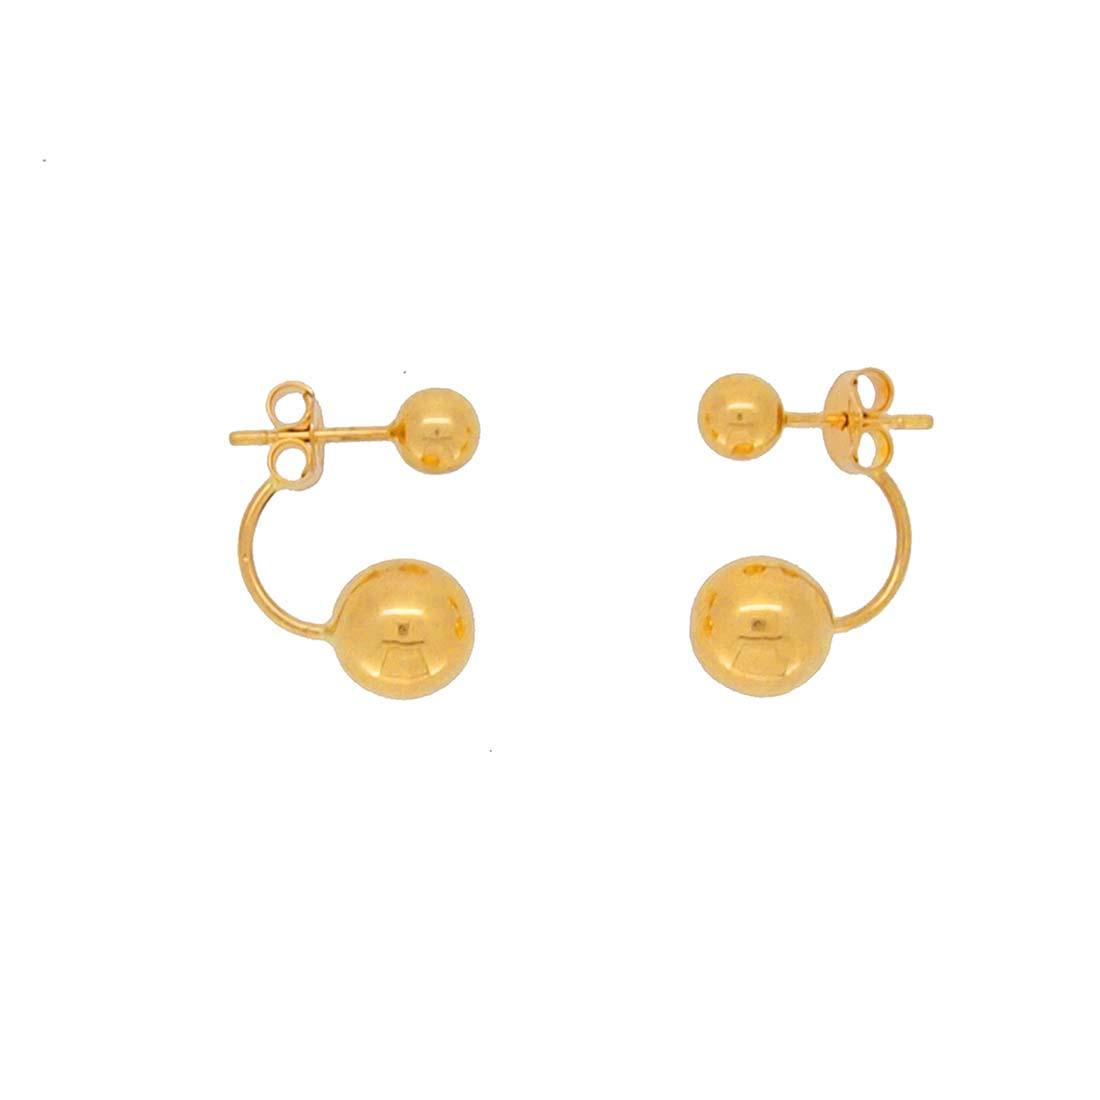 boucles d'oreilles double boules or jaune 18k